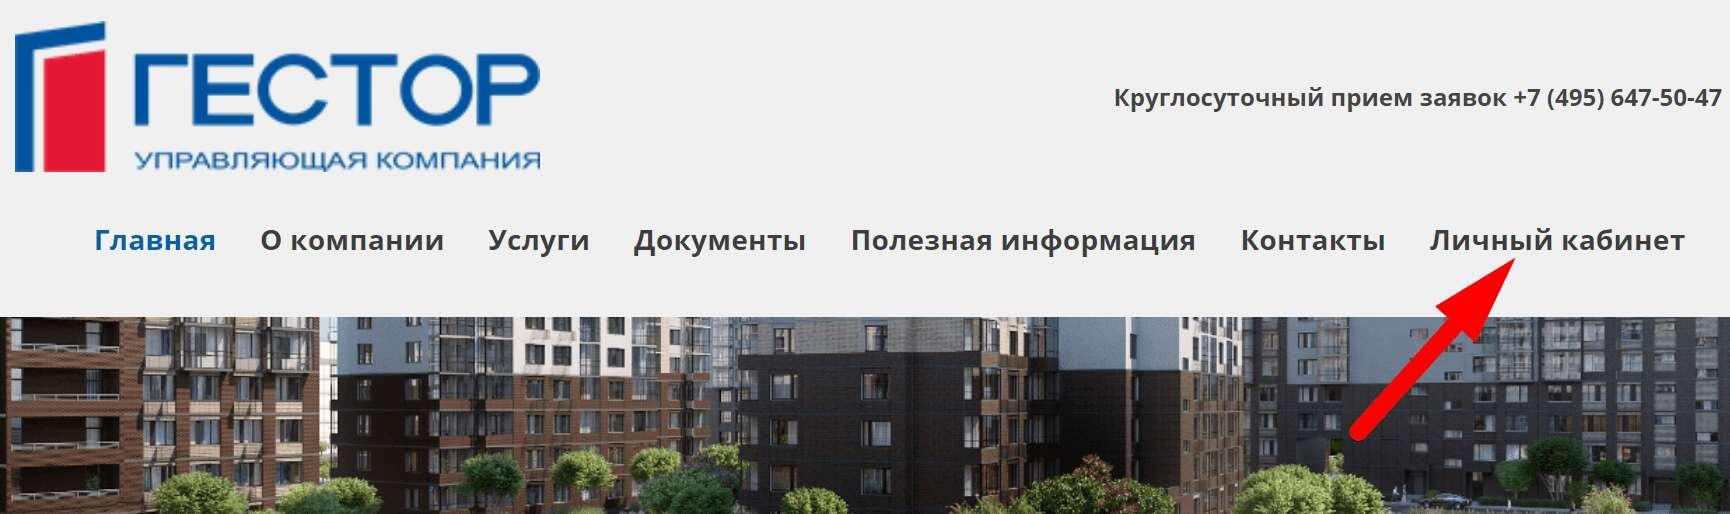 Ссылка на сайт управляющей компании «Гестор»